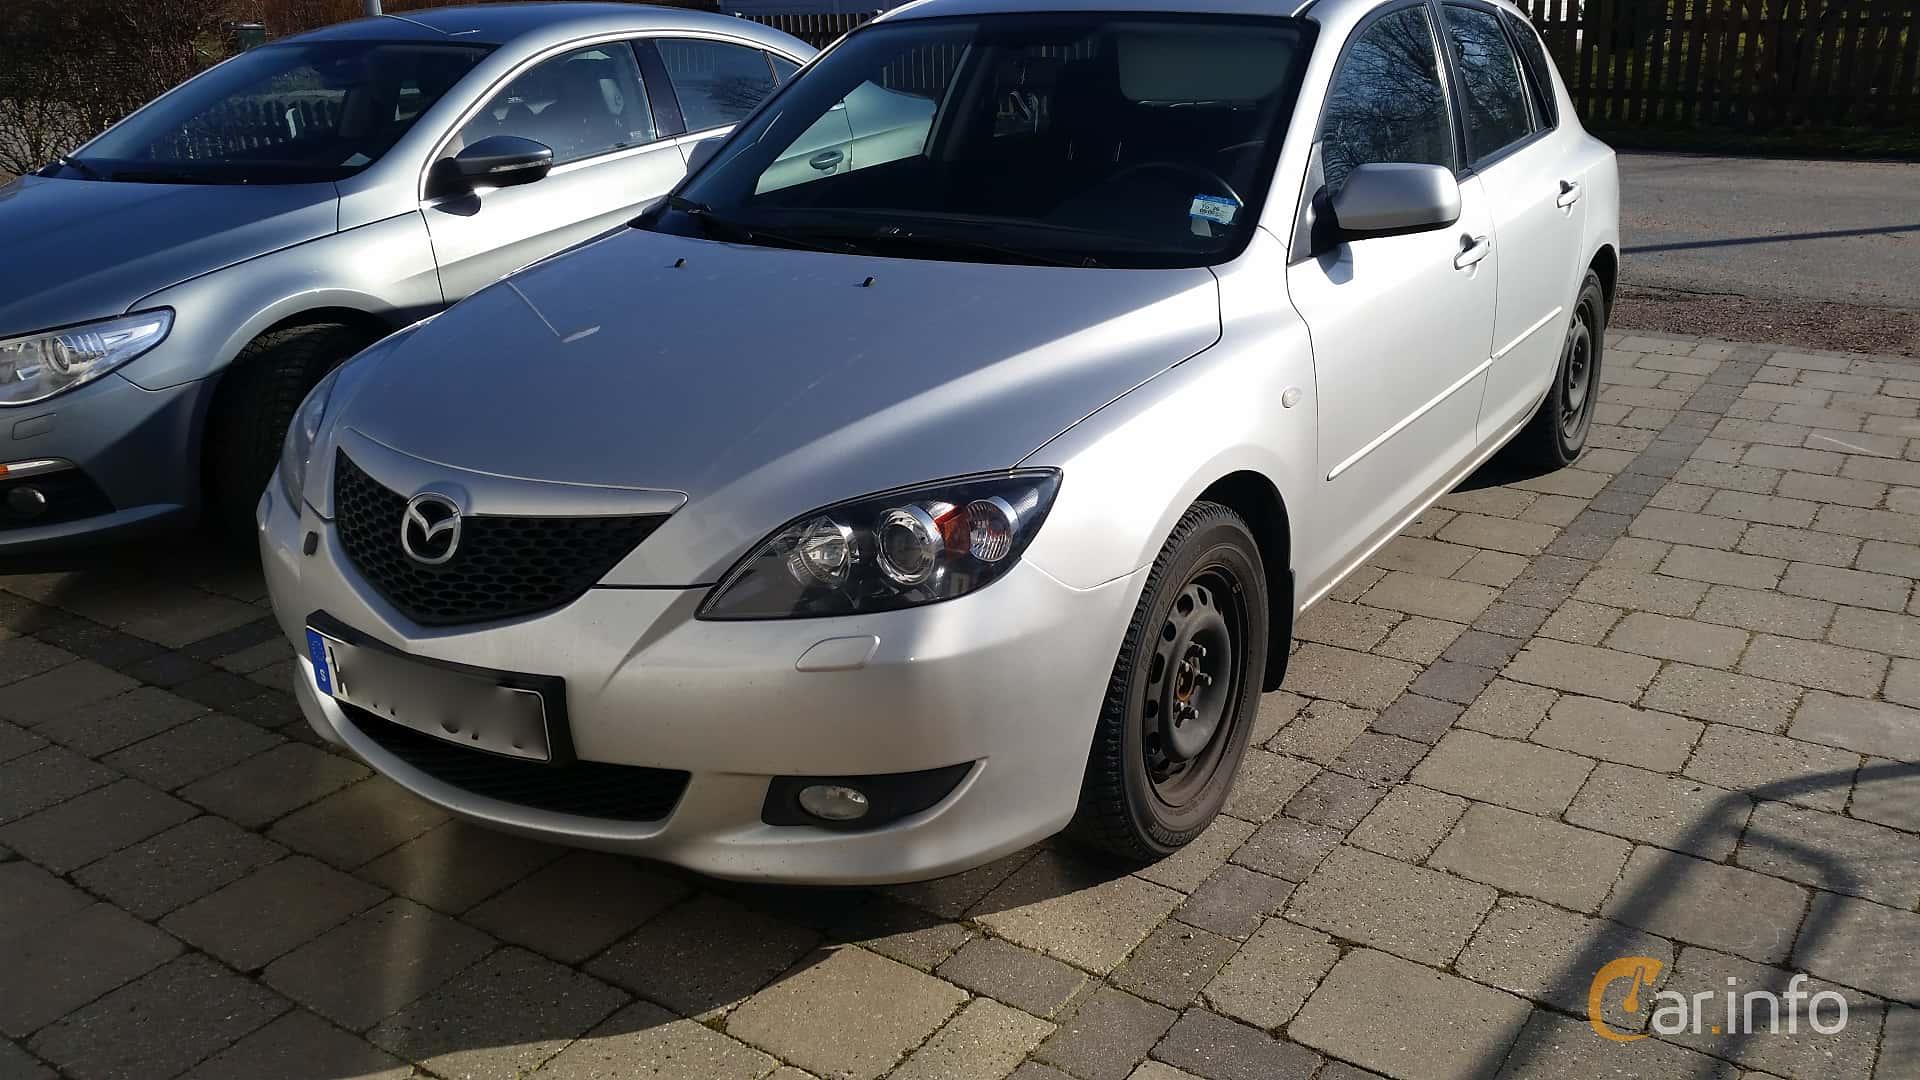 Kelebihan Kekurangan Mazda 3 2005 Tangguh